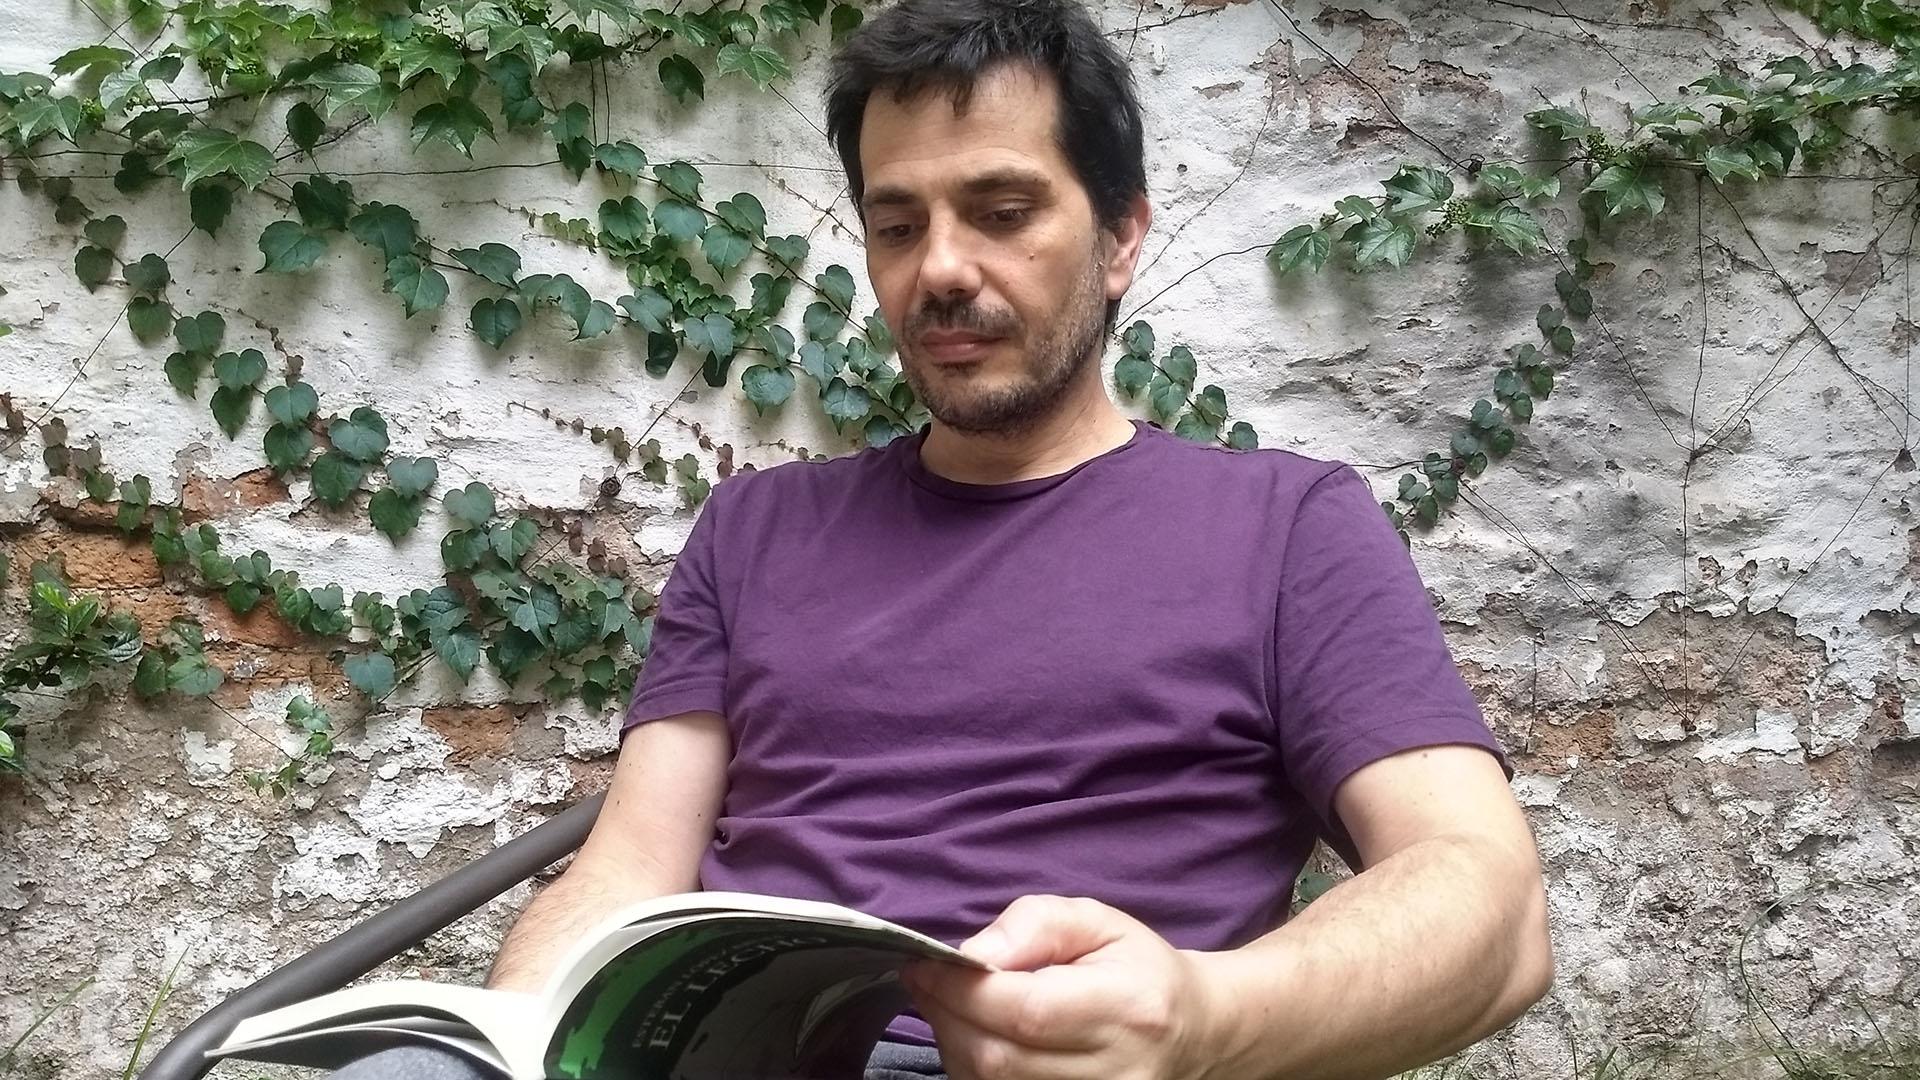 El escritor fundó Entropía, un sello independiente que editó, entre otros, a autores como Romina Paula, Pola Oloixarac y Rafael Spregelburd